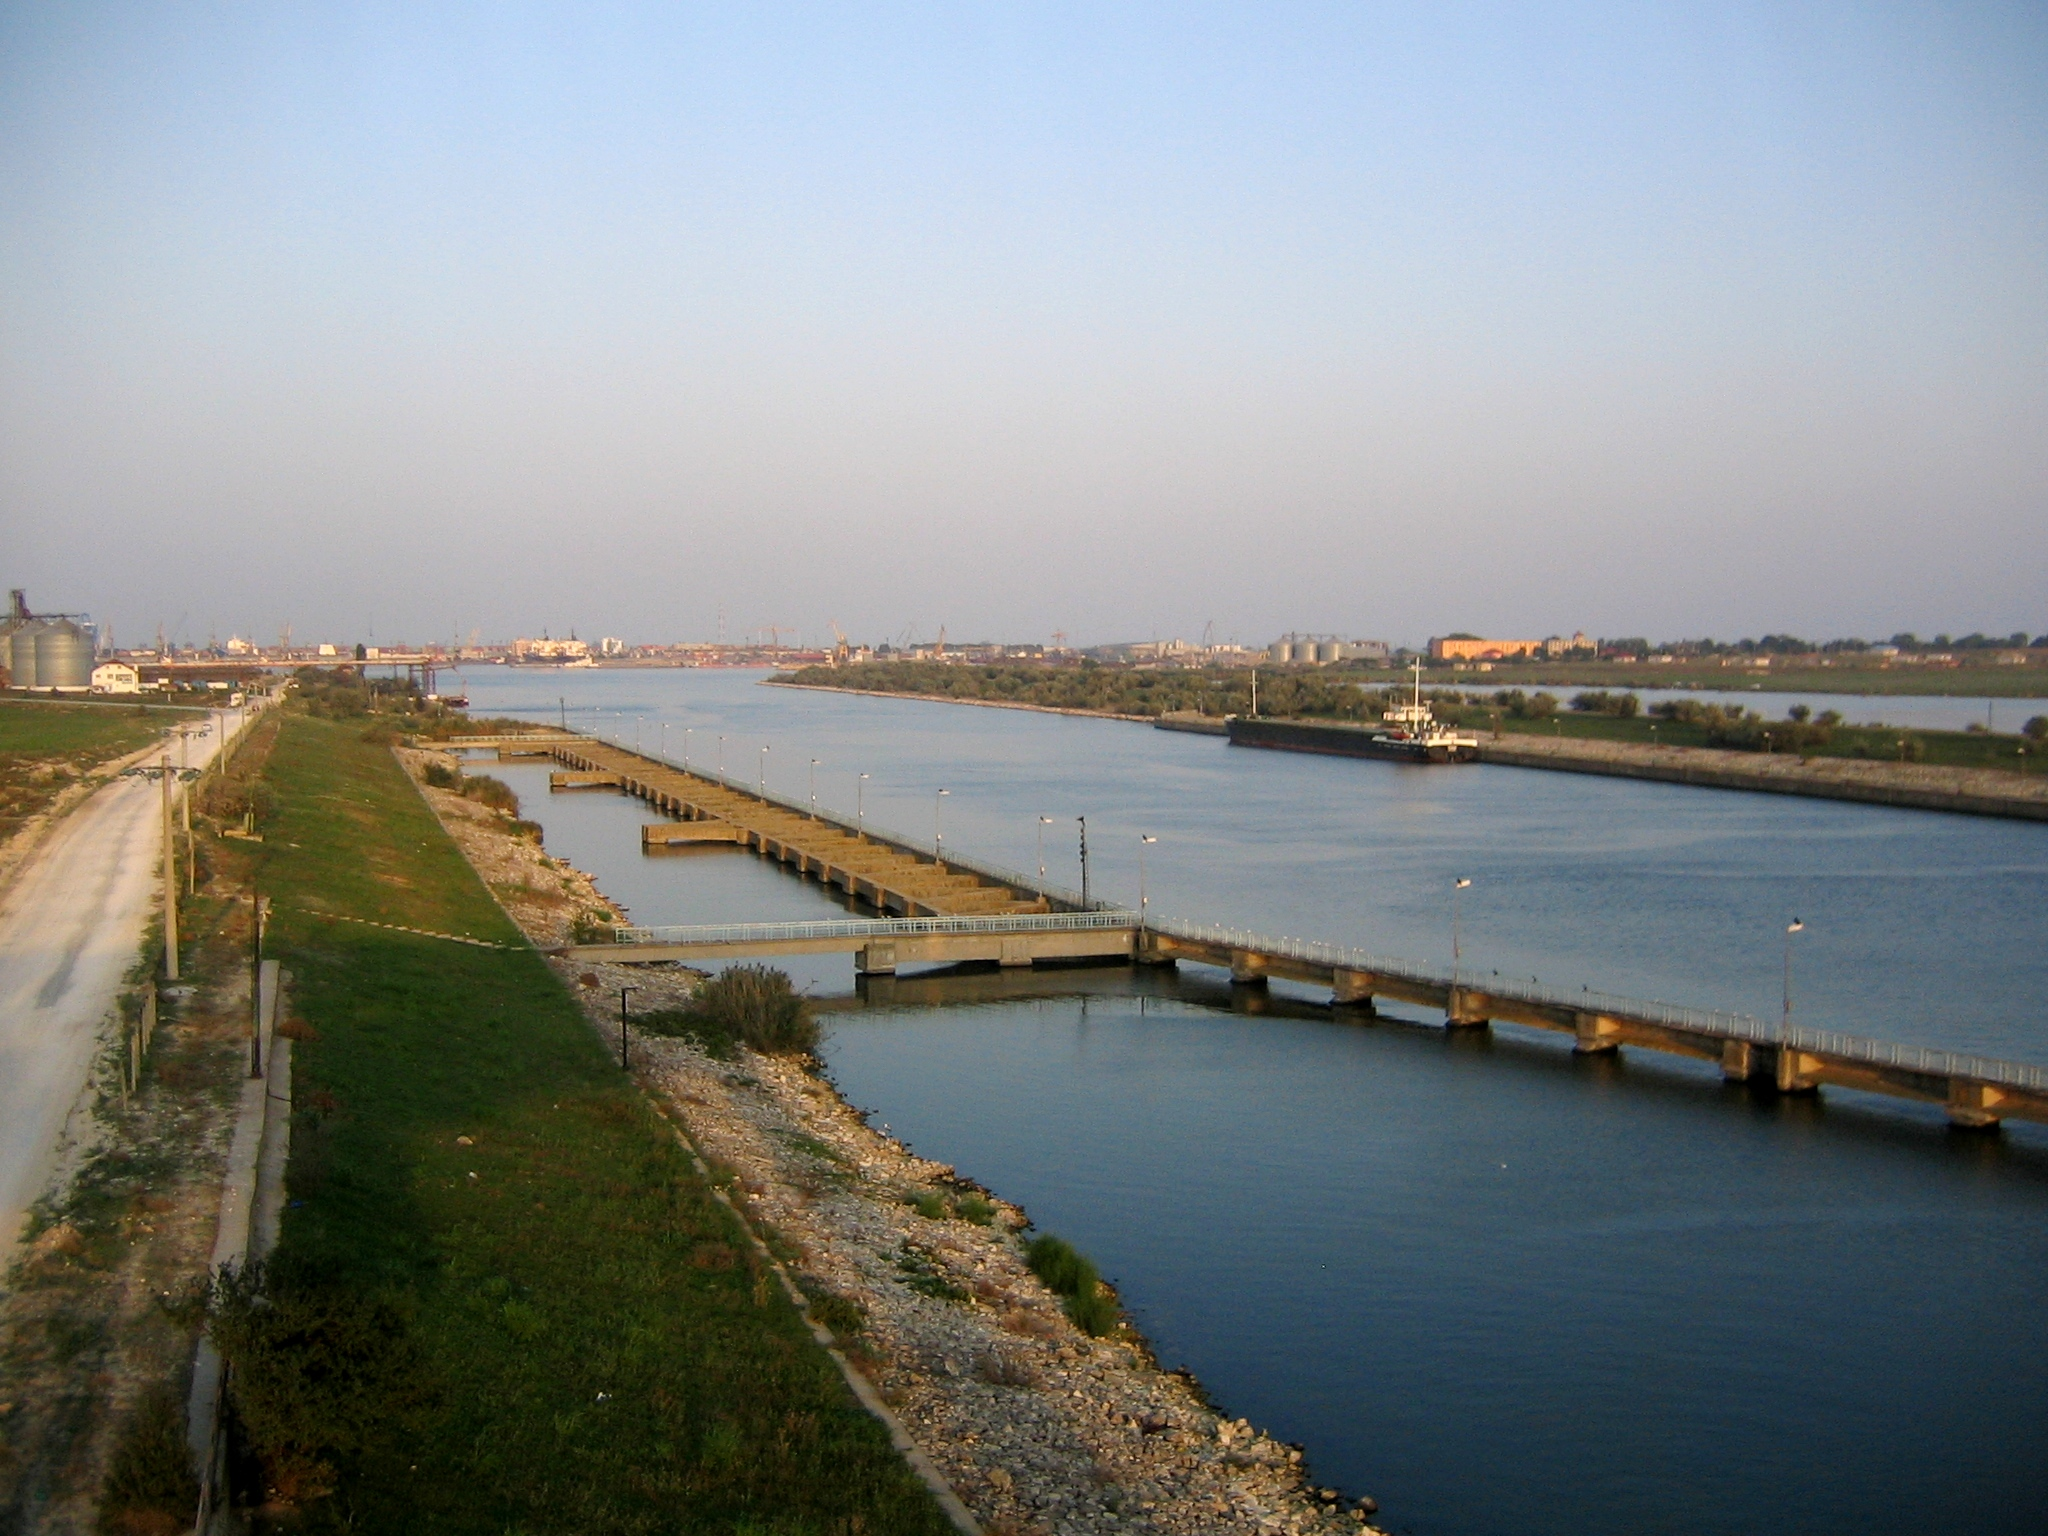 Fişier:Canalul Dunare-Marea Neagra din tren.jpg